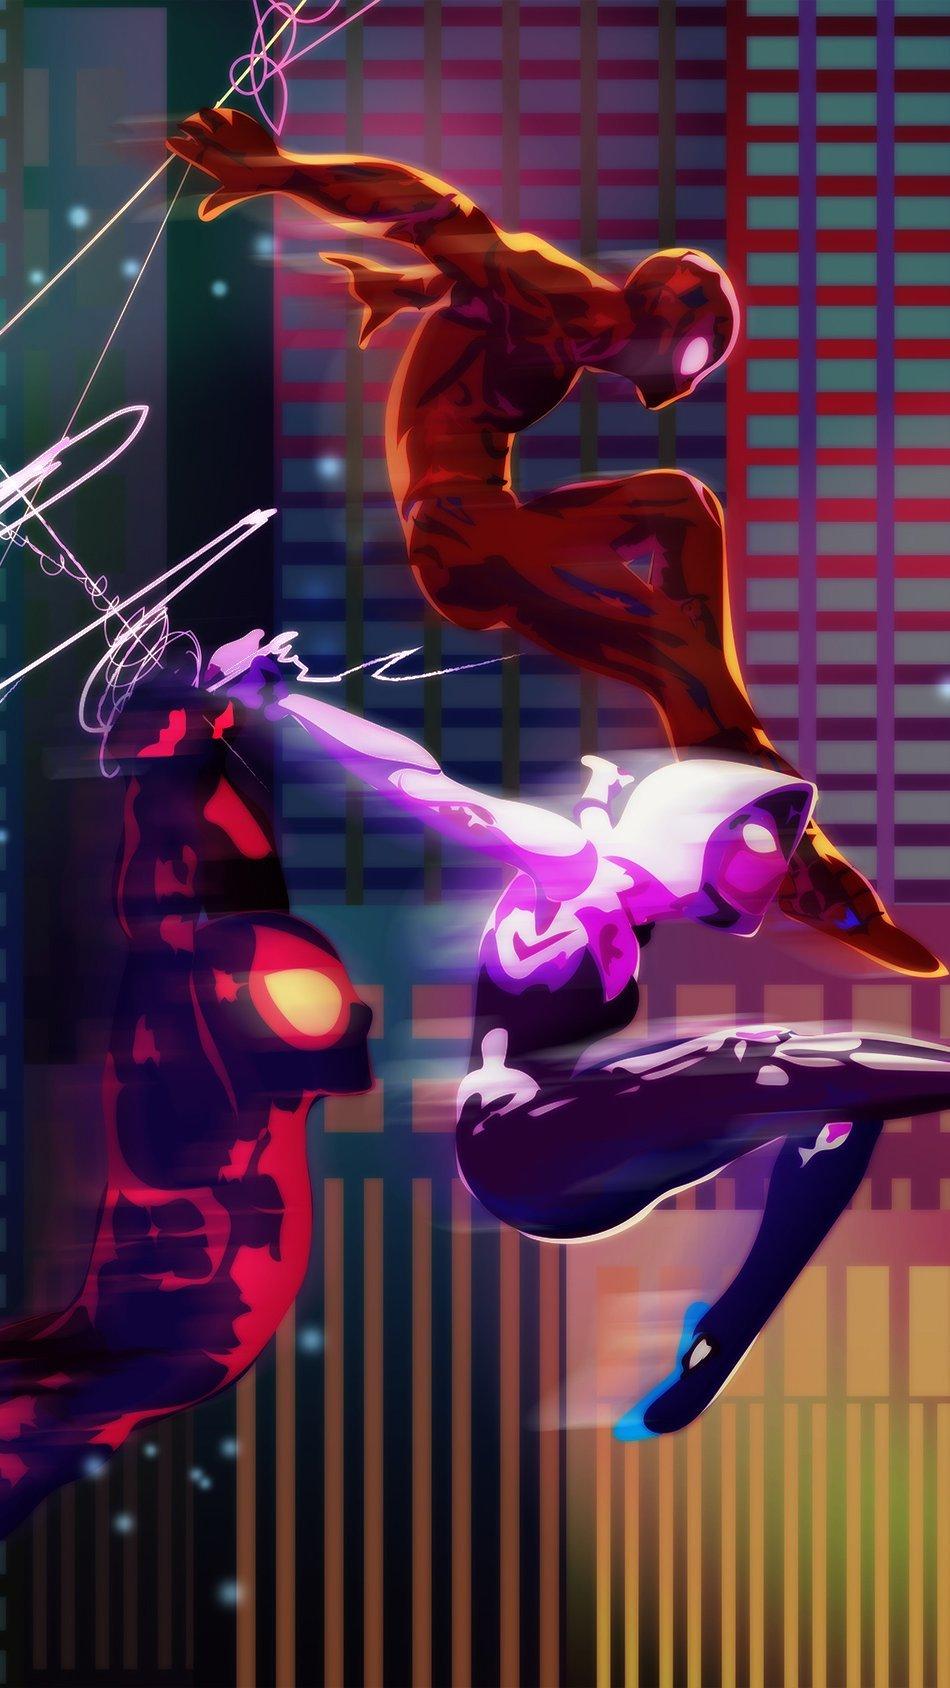 Fondos de pantalla Multiverso del hombre araña Vertical